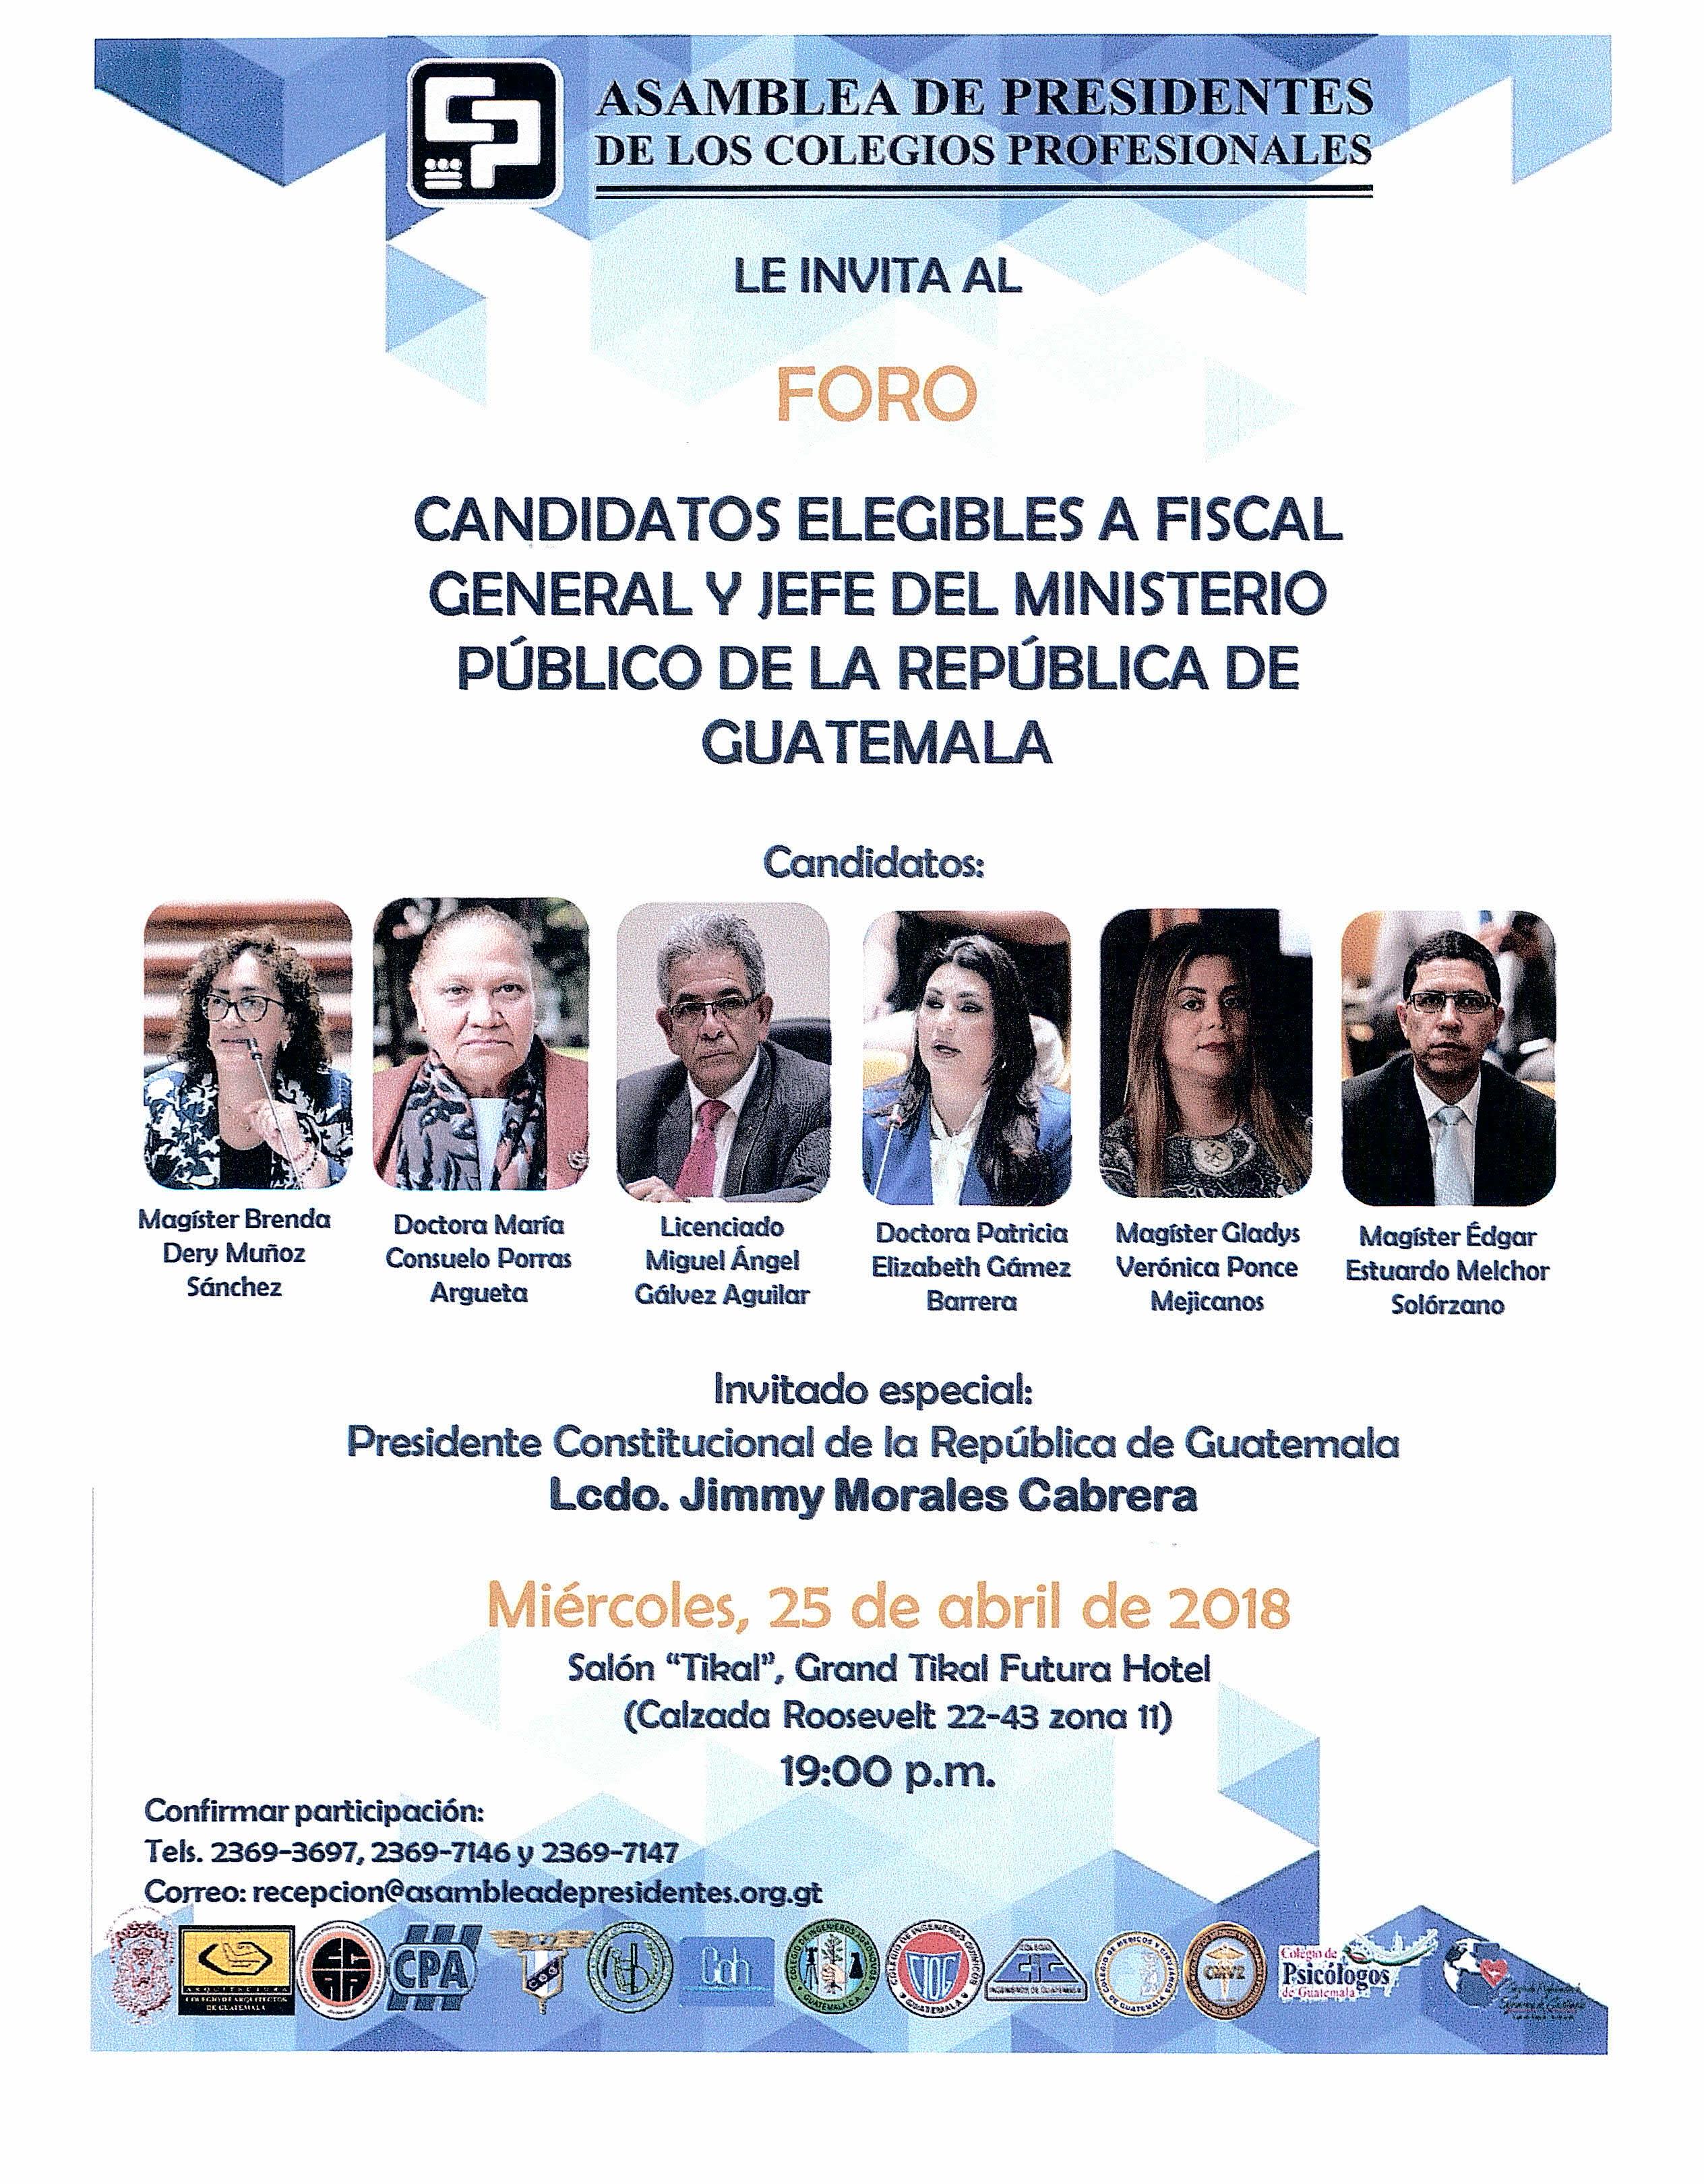 Candidatos Elegibles a Fiscal General y Jefe del Ministerio Público de la República de Guatemala